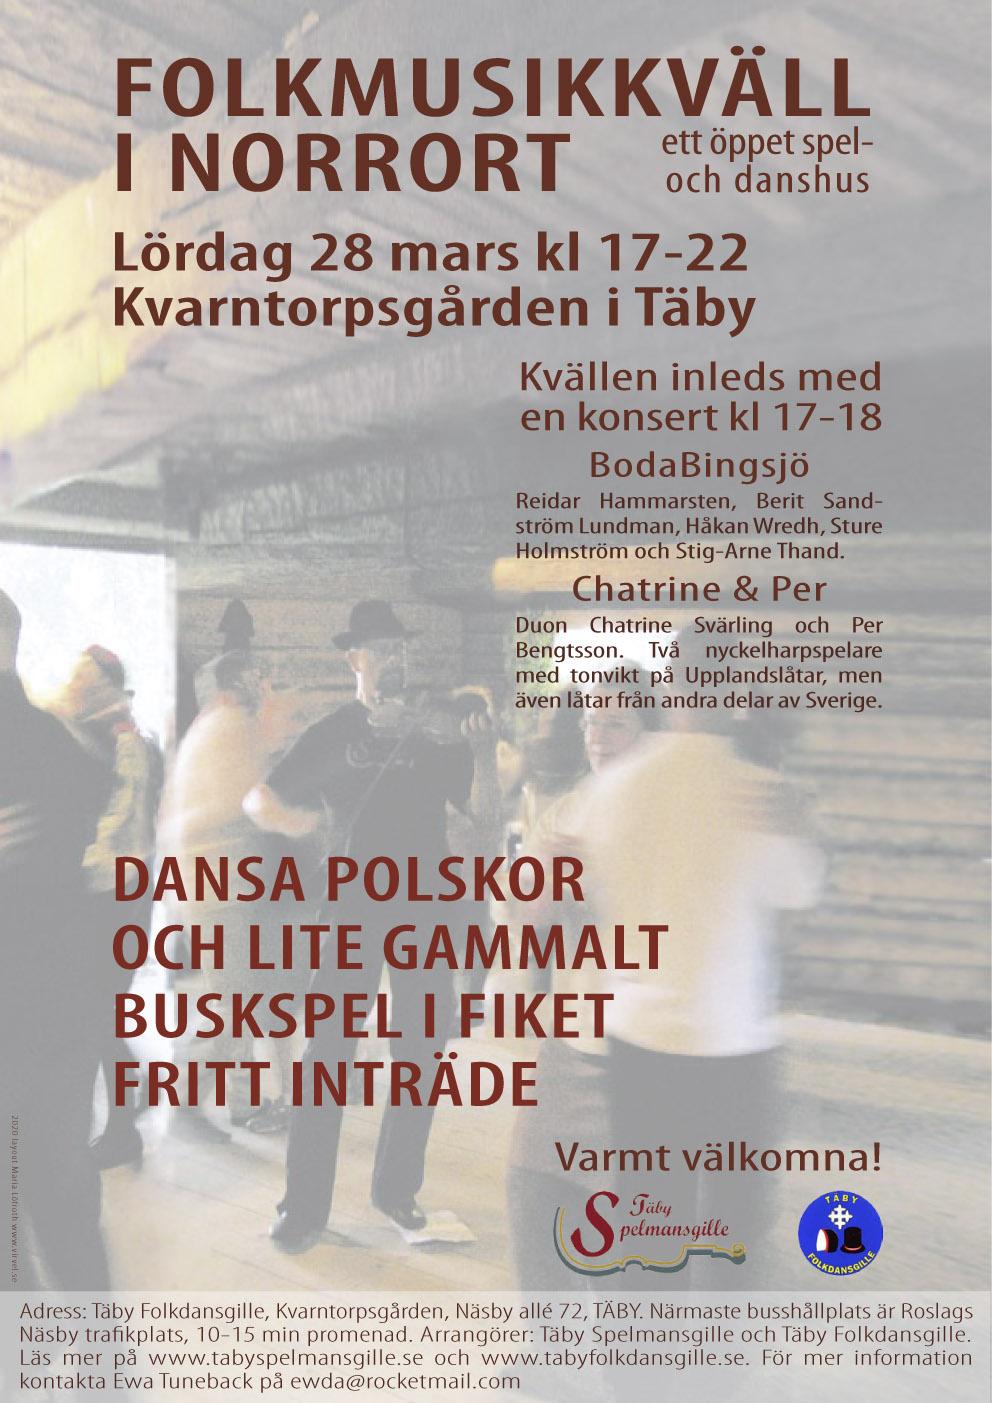 Kvarntorp i detalj tabyfolkdansgille.se